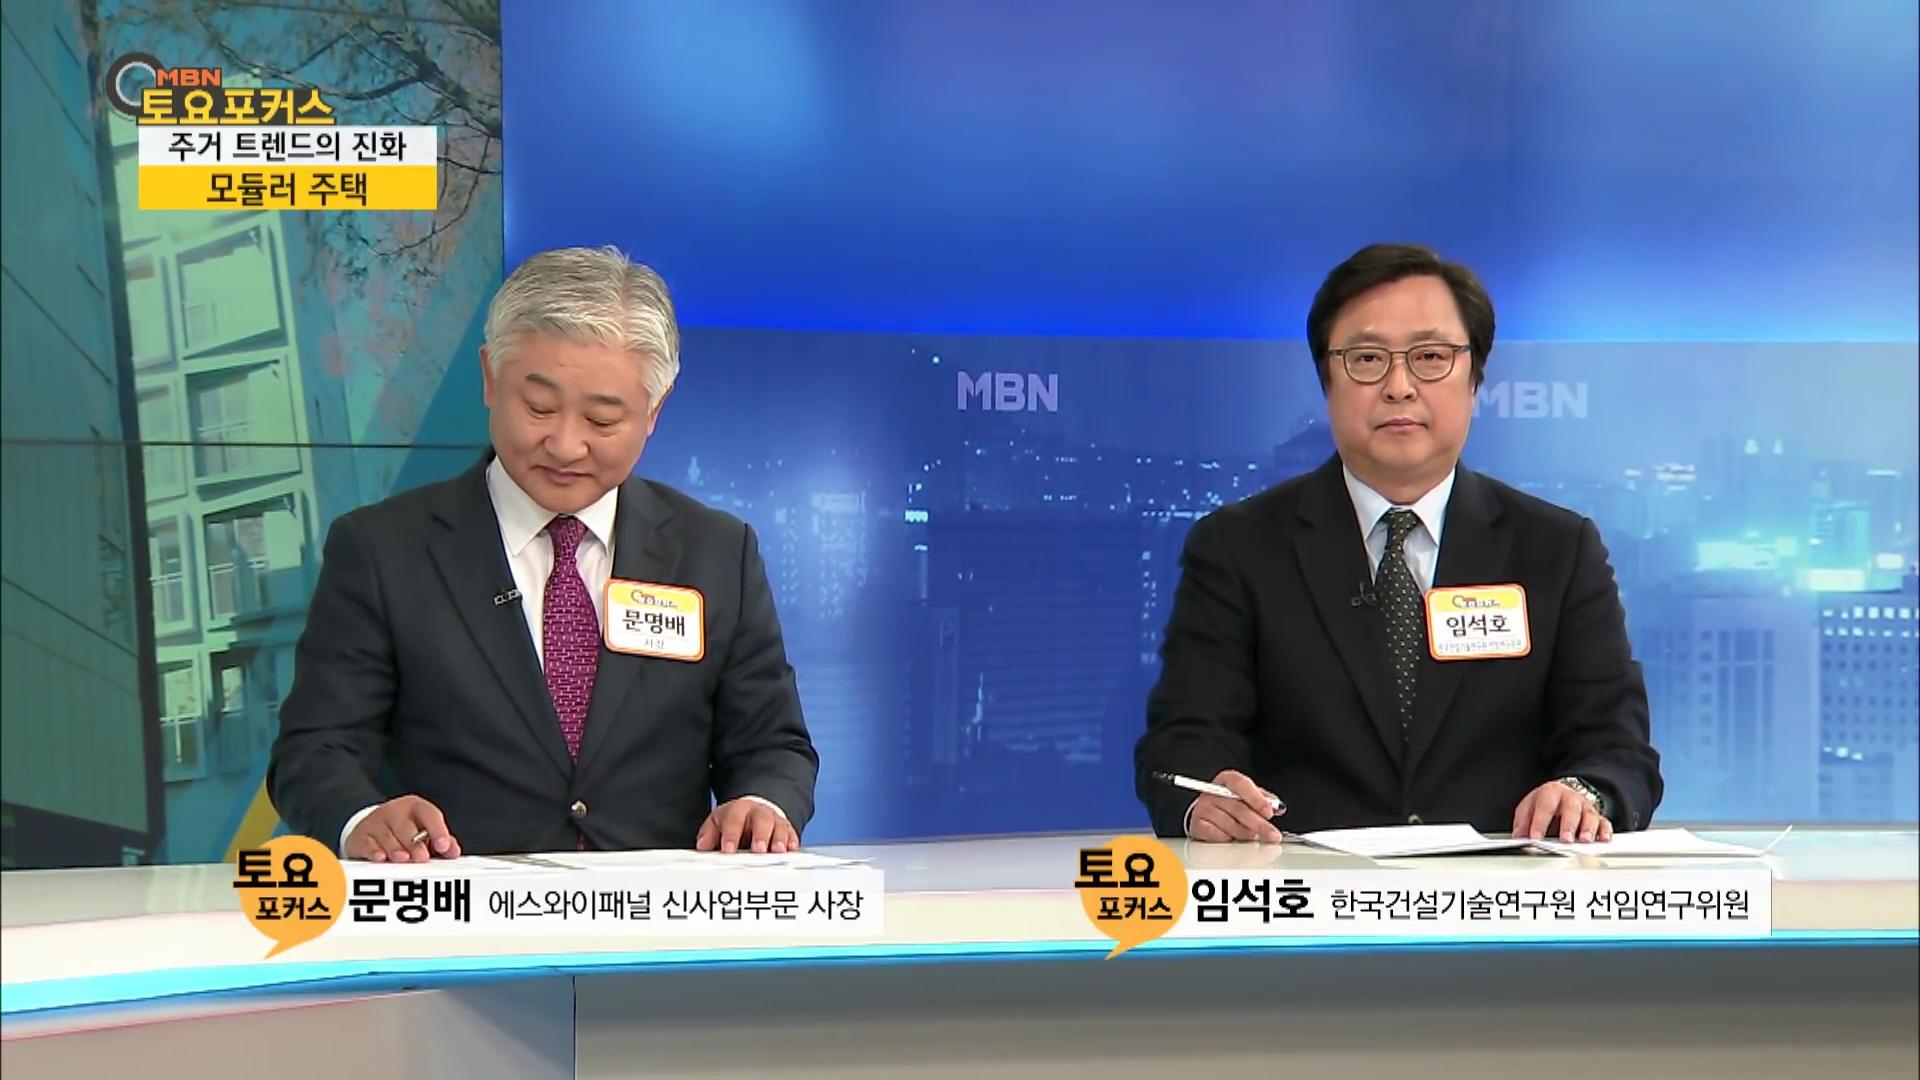 [TV방송]MBN 토요포커스 82회 '모듈러 주택' 편